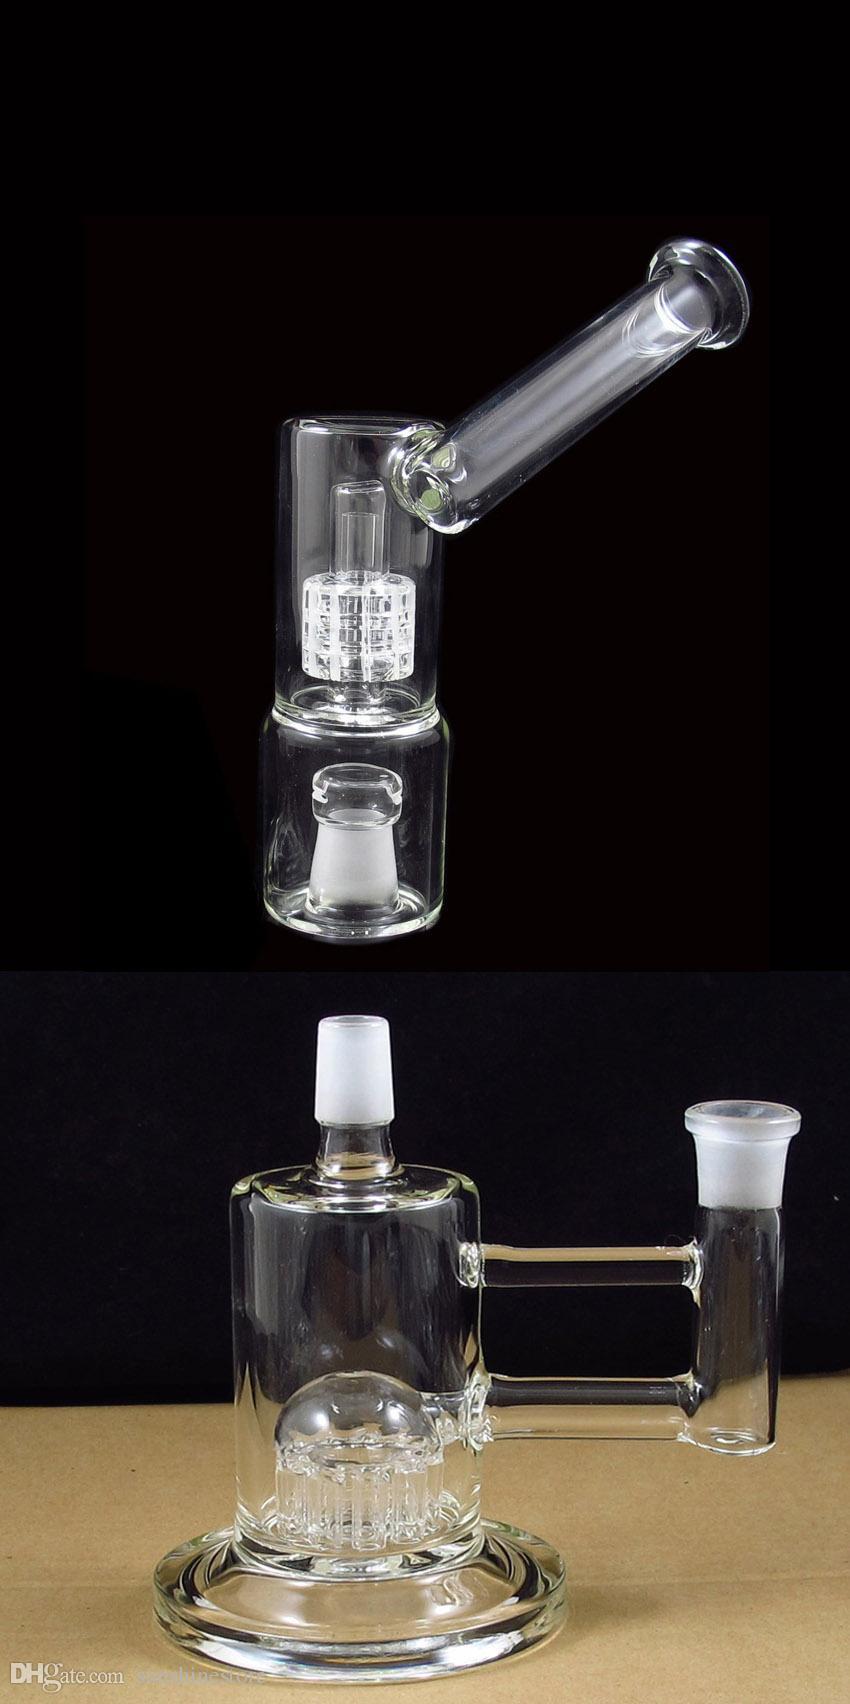 새로운 디자인 VapeXhale hydratube 사이드카 퍼크 스탠드 7 인치 버블 러 유리 봉 5mm 두께